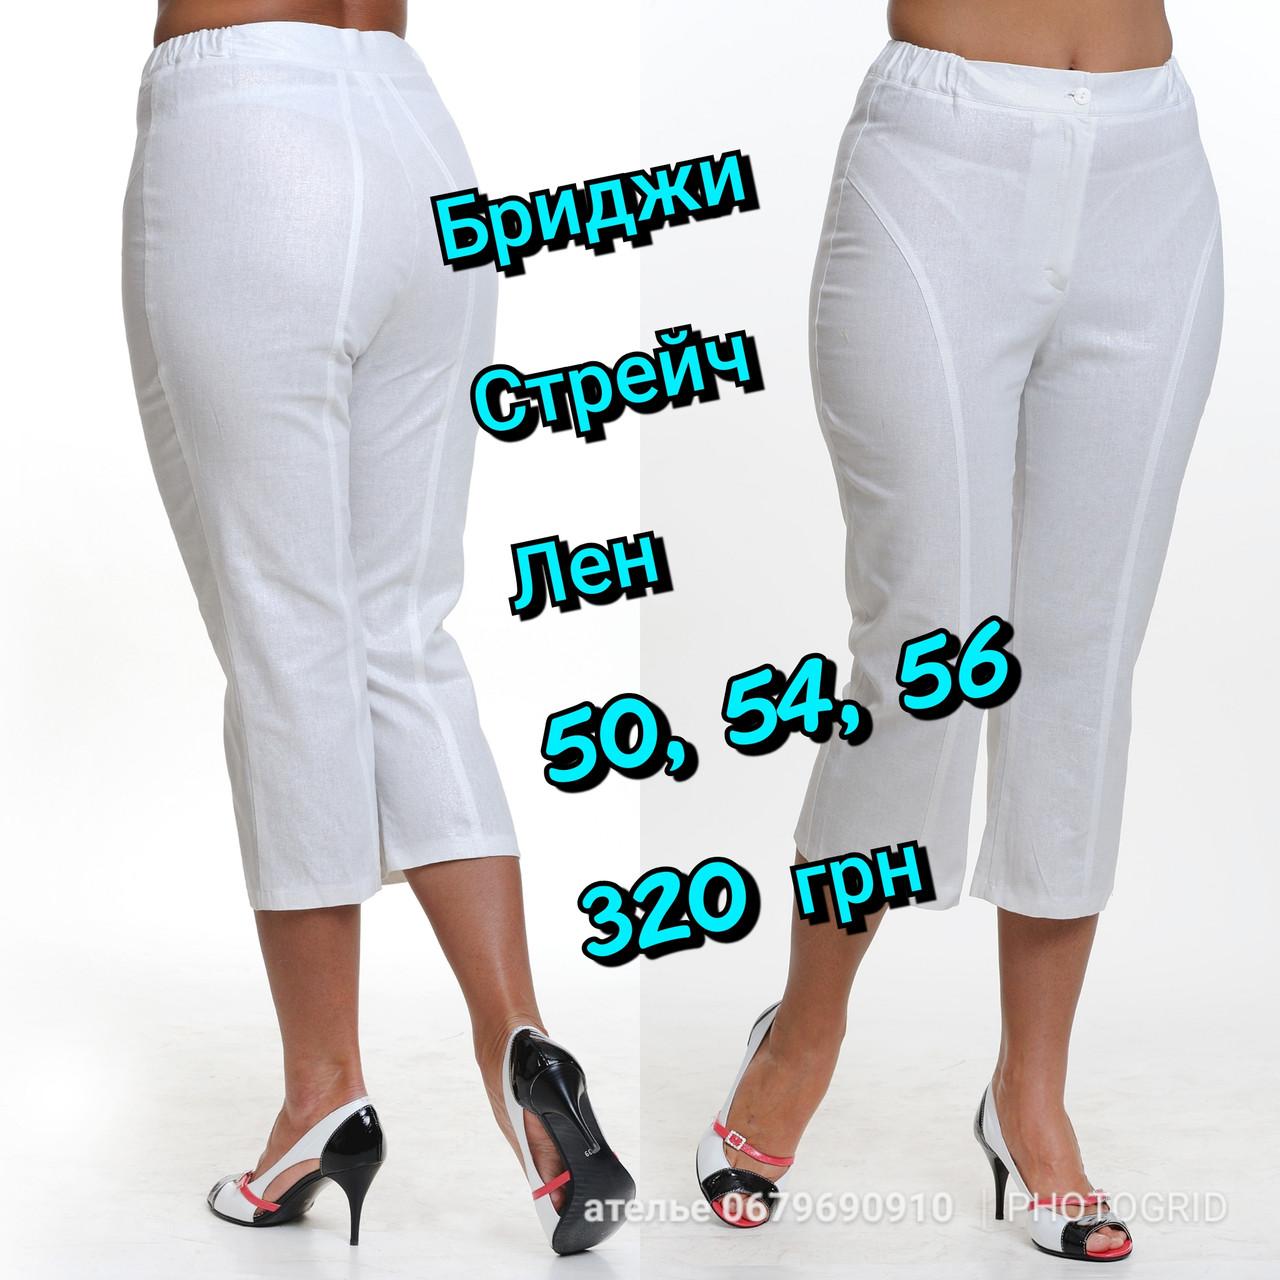 Бриджи лен , Интернет магазин женской одежды, 50, 54, 56, купить бр 009